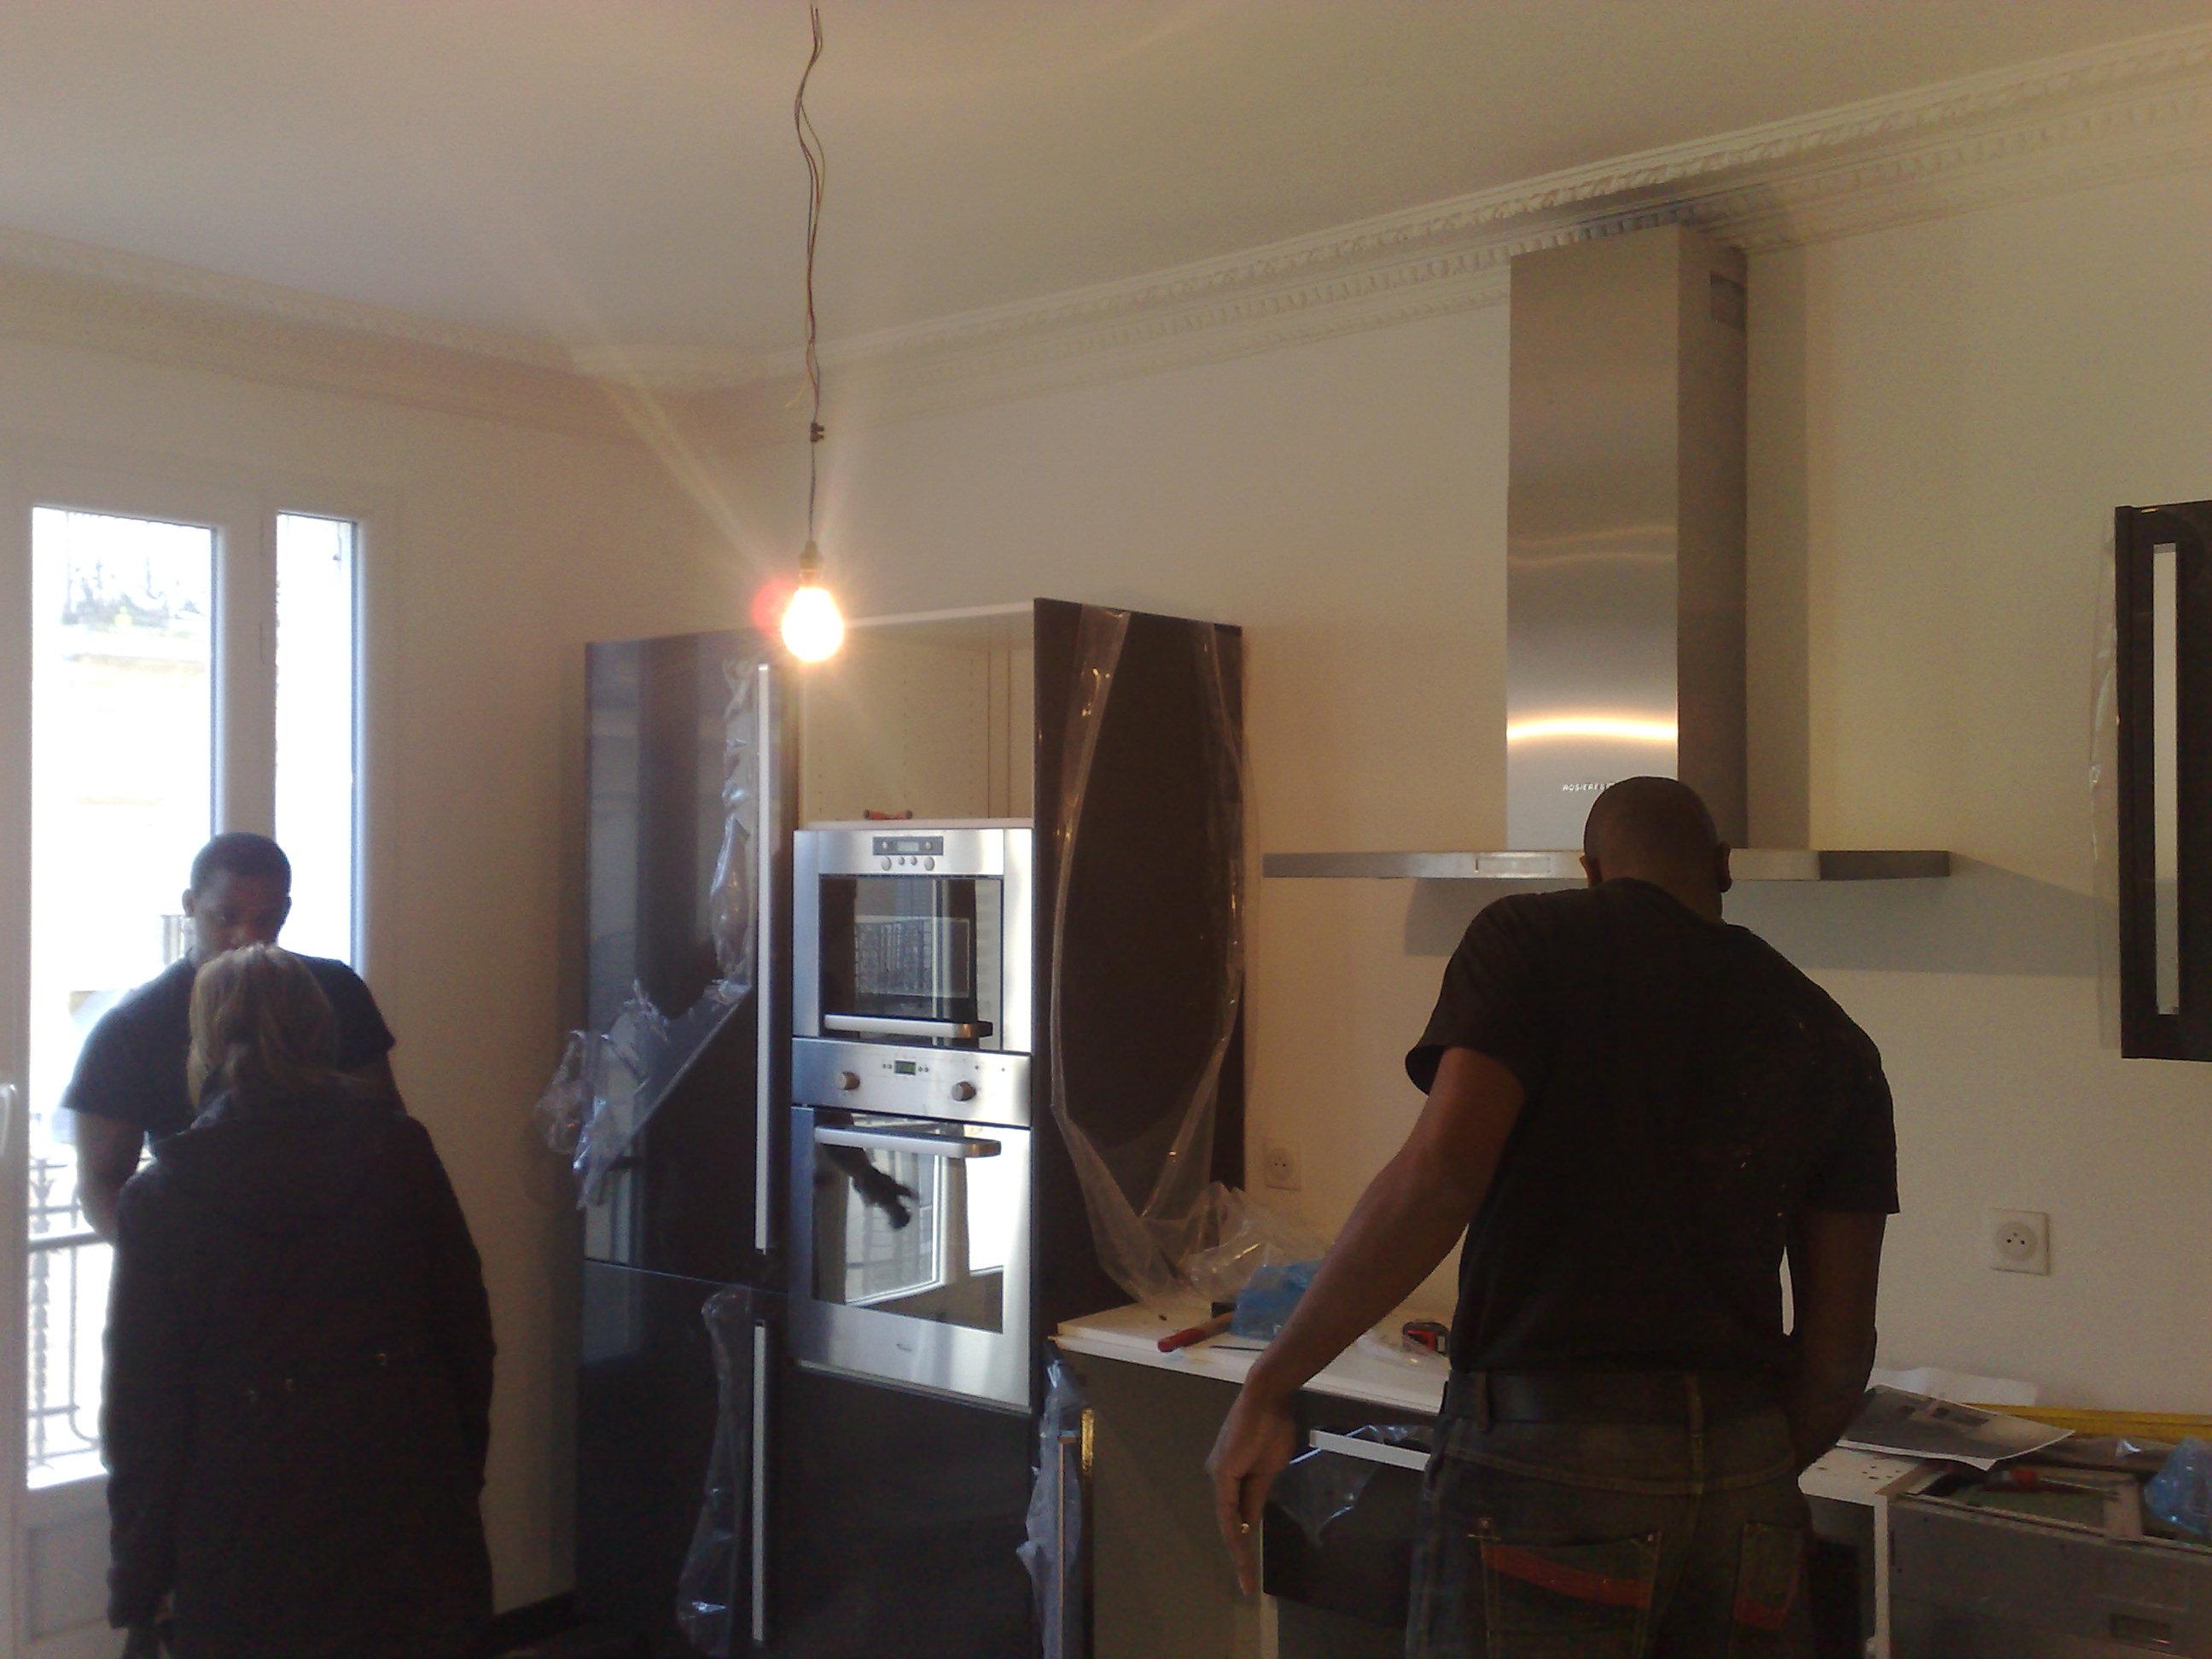 Am nagement cuisine for Emploi architecte interieur paris